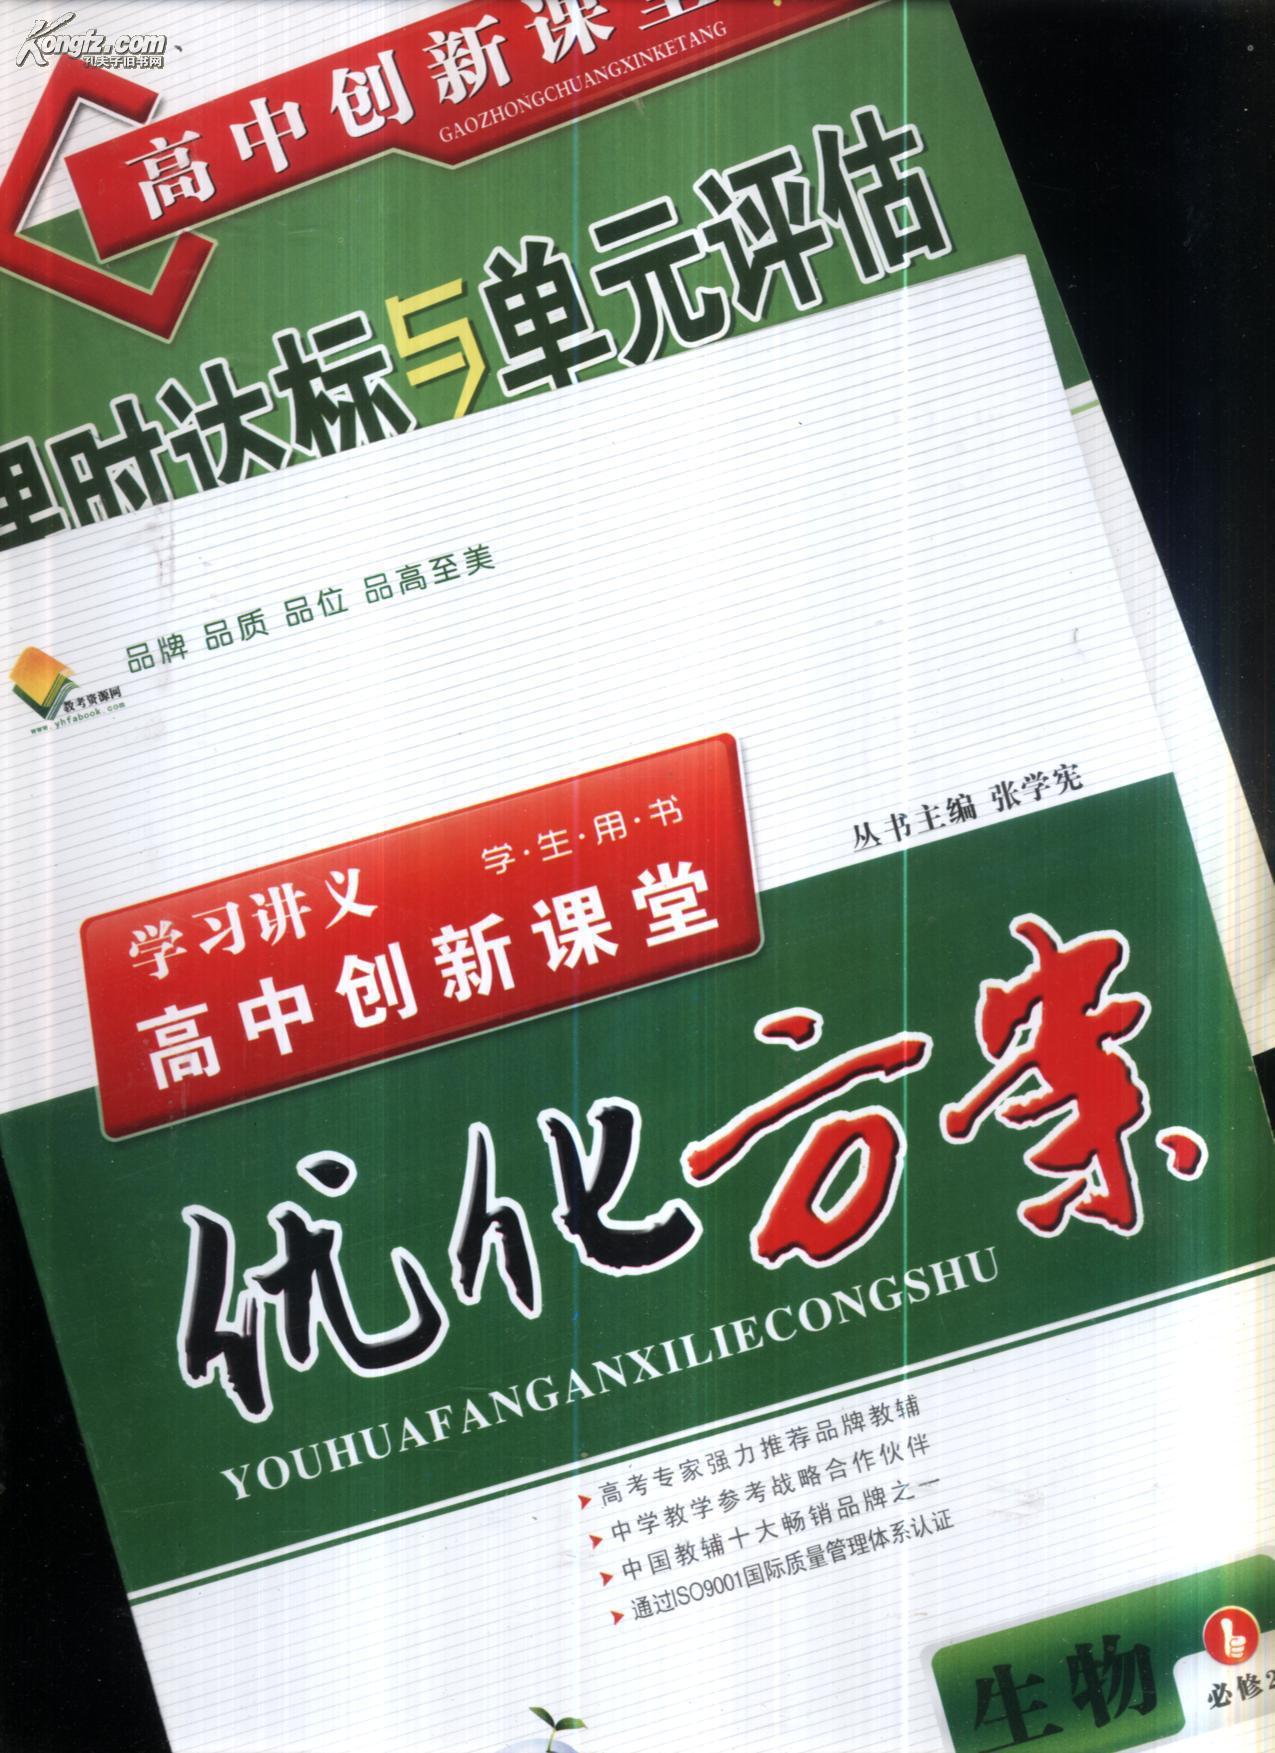 用书创新商城.优化高中【高中课堂】学生.v用书2生物面积方案图片